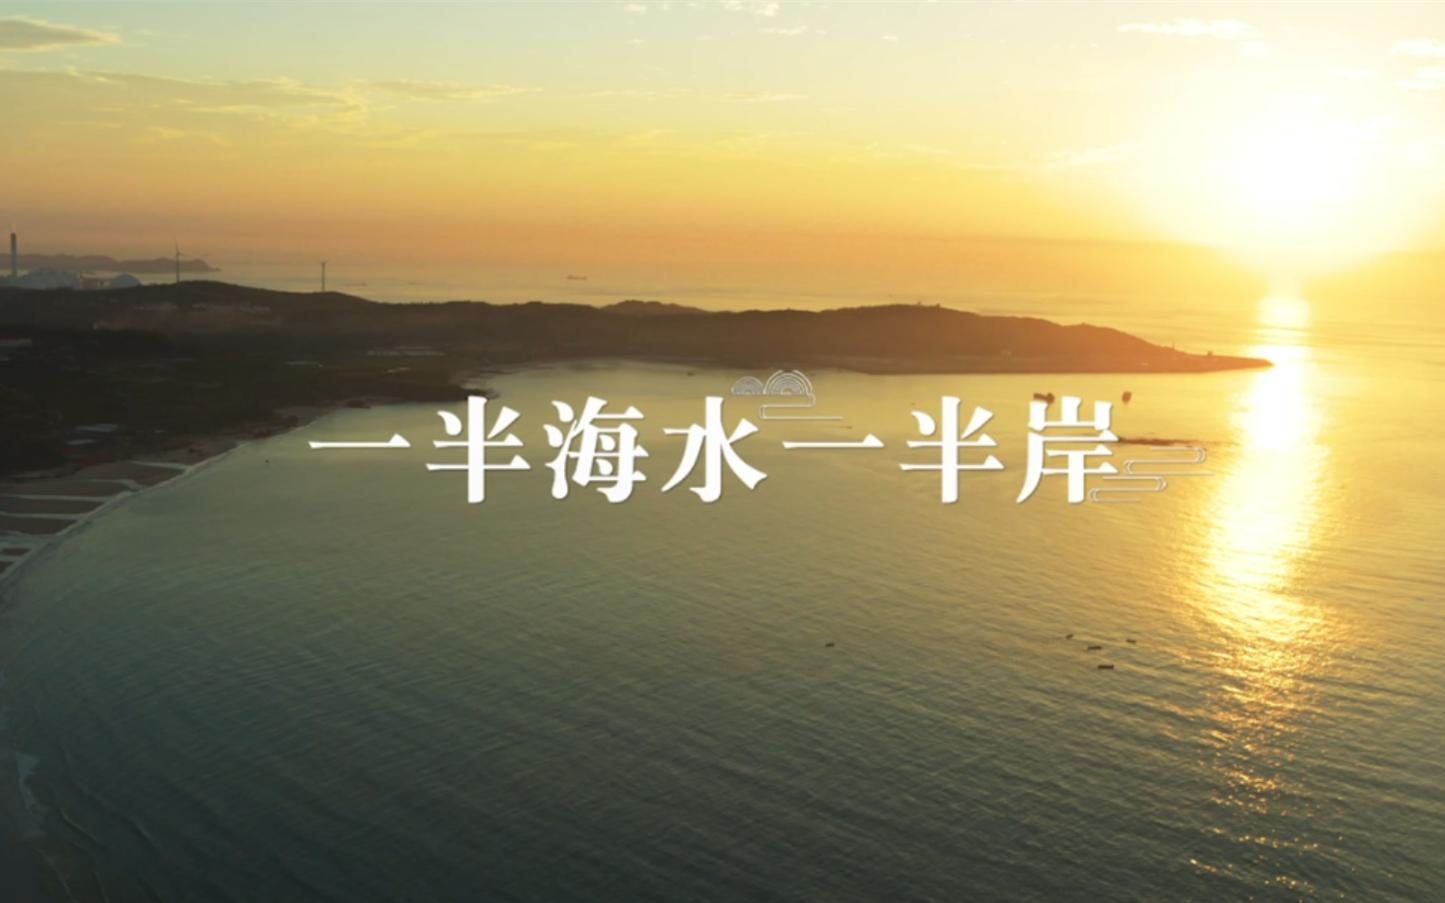 《航拍闽西南》:一半海水一半岸 00:04:41